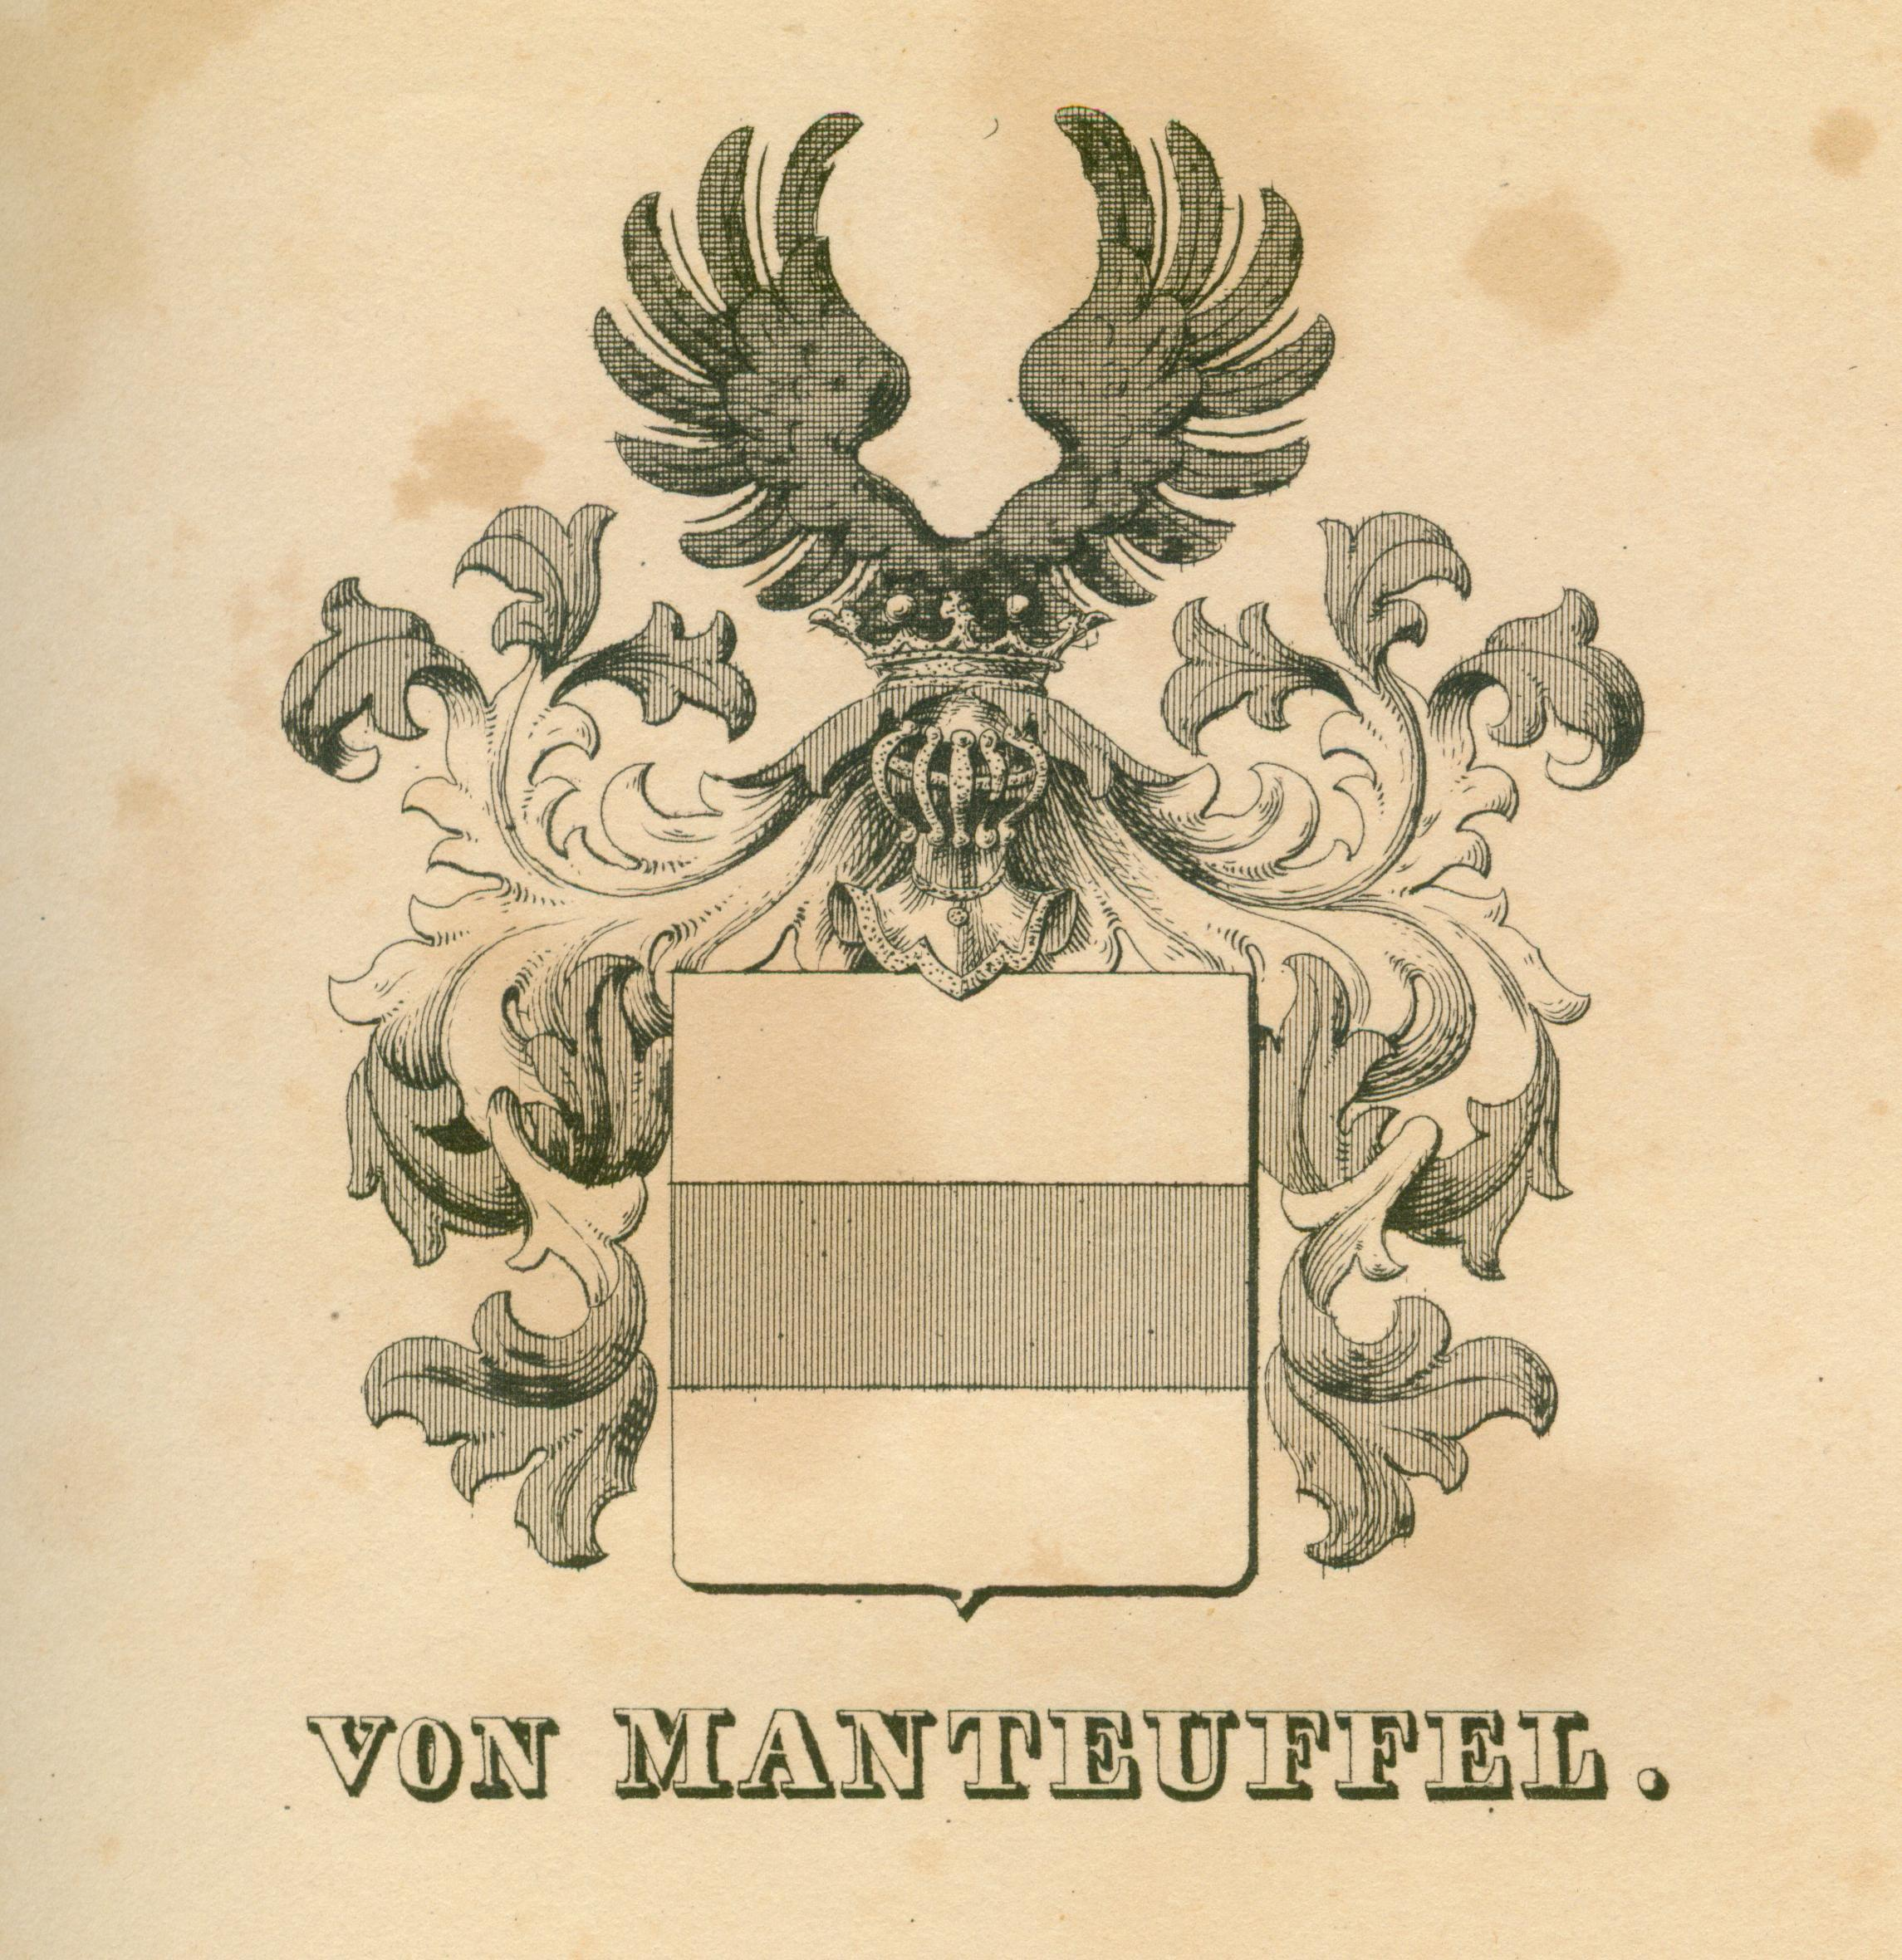 Manteuffel